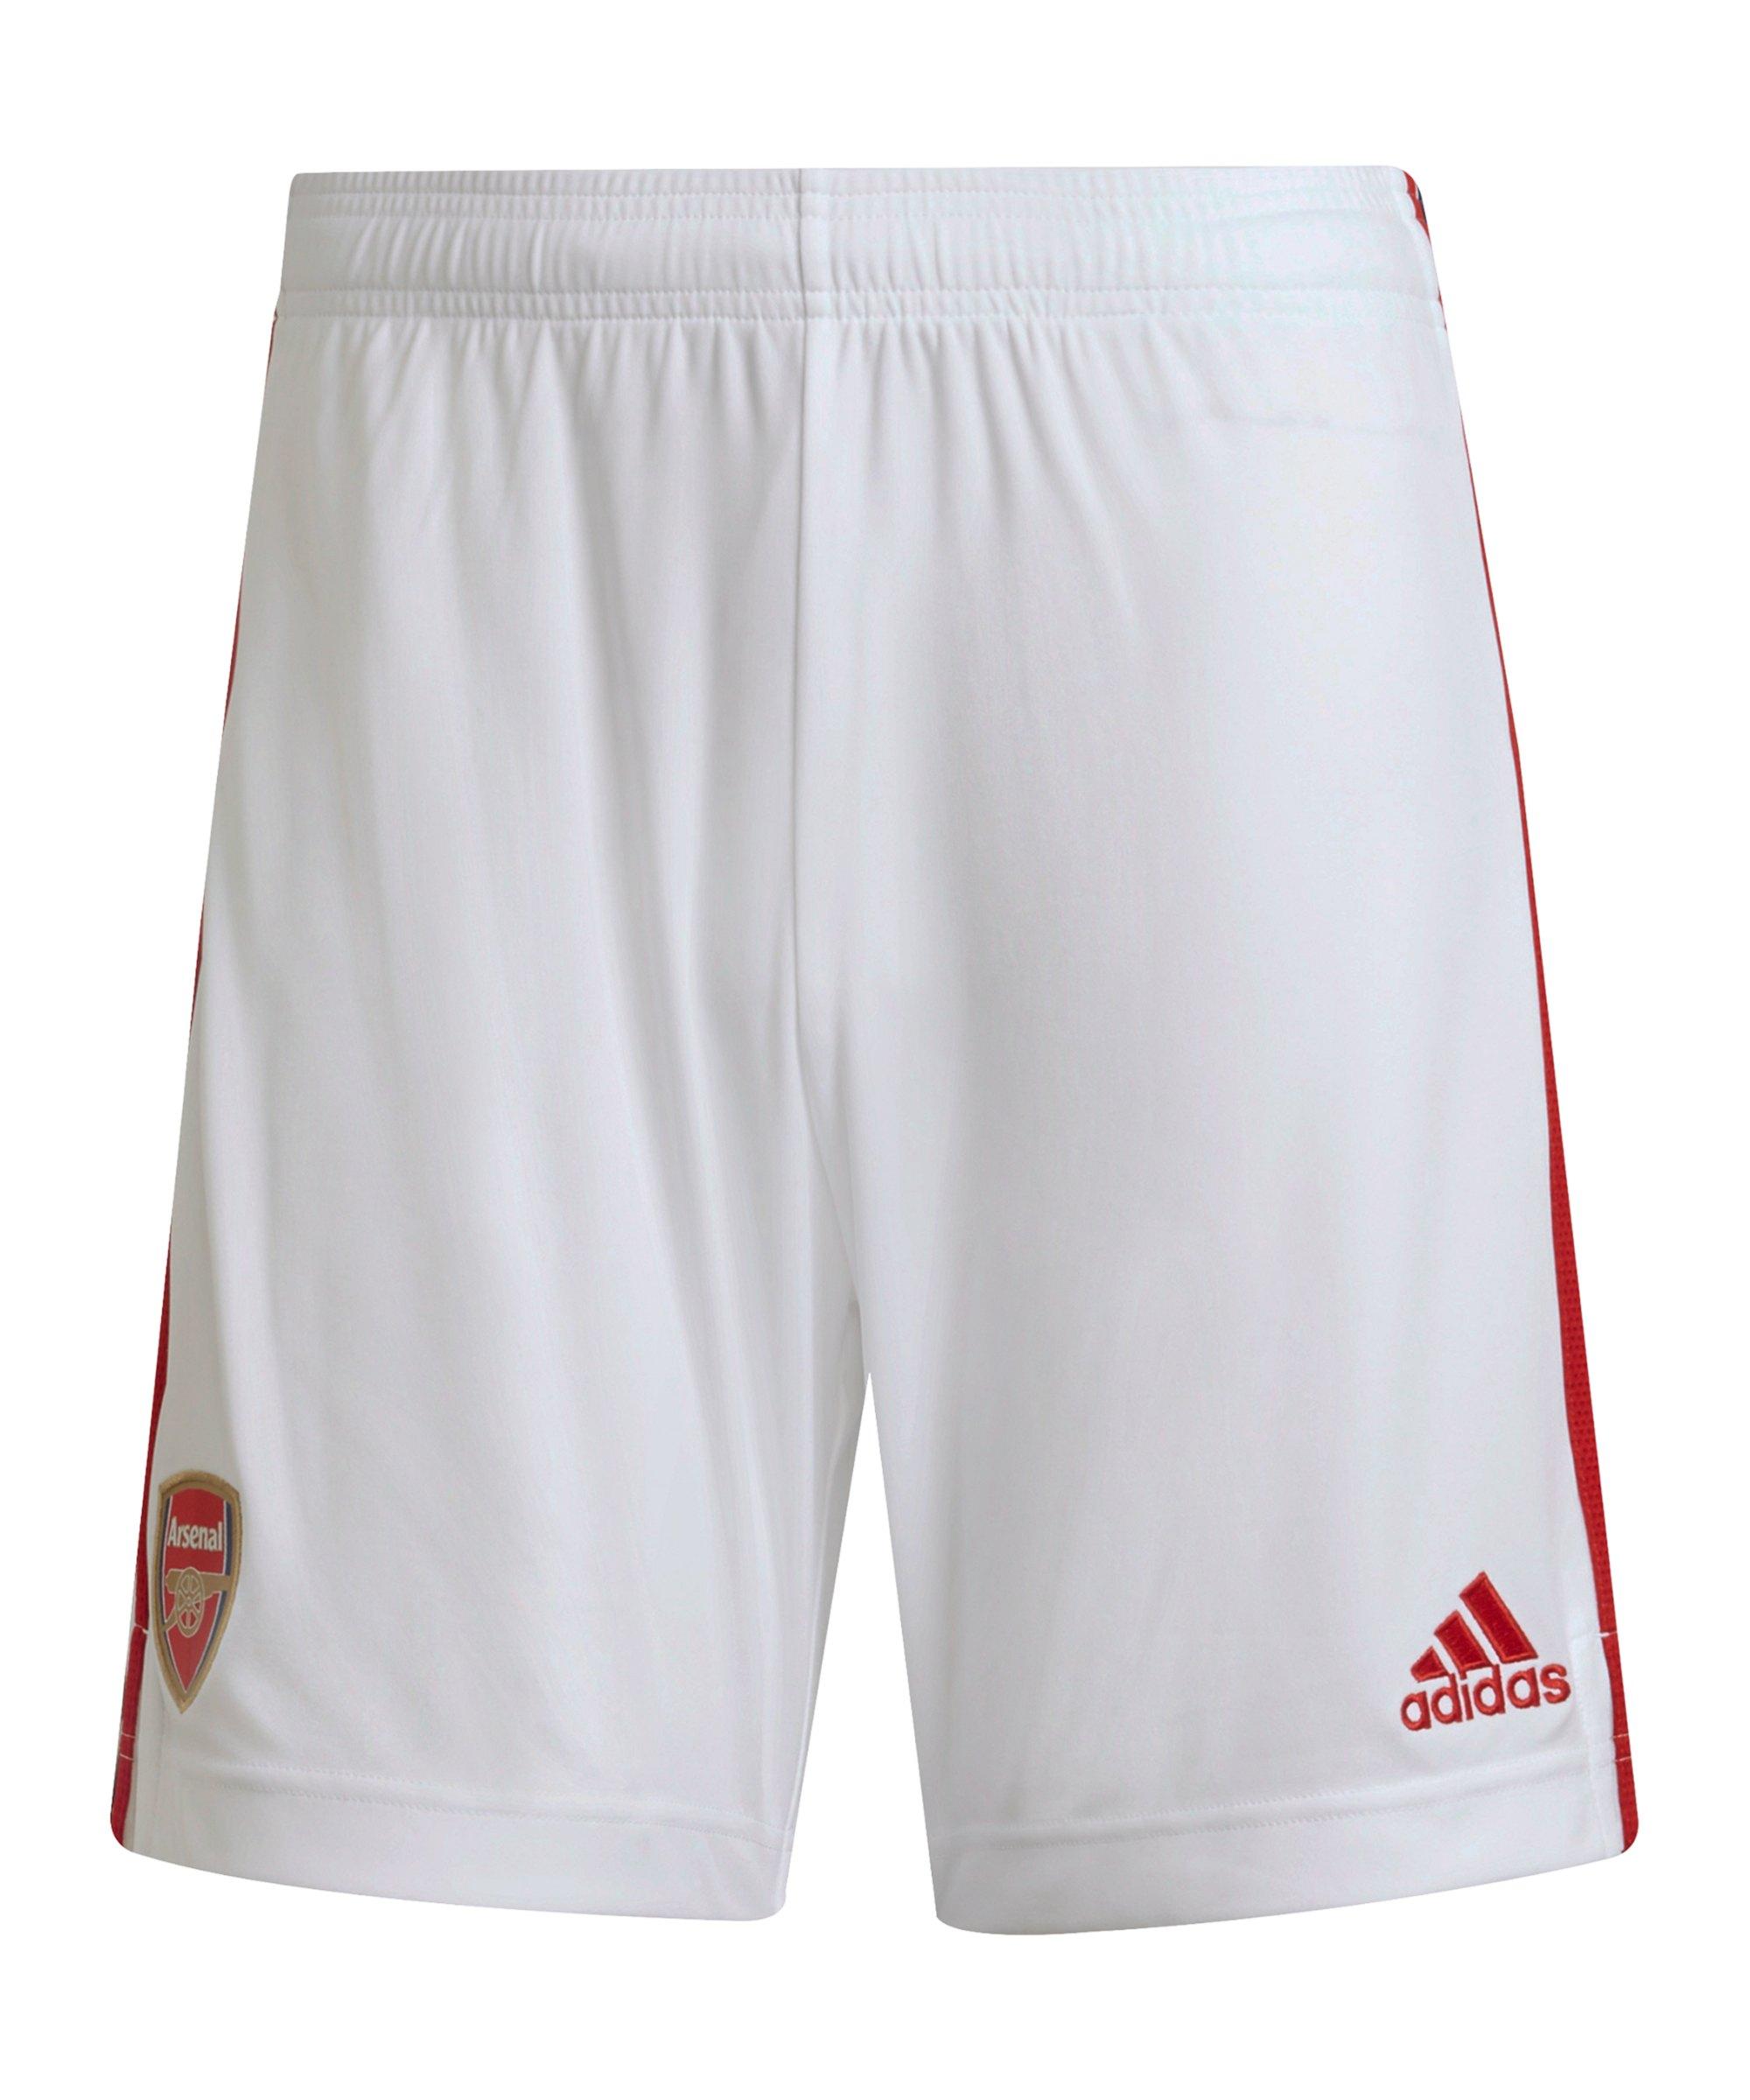 adidas FC Arsenal London Short Home 2021/2022 Weiss - weiss